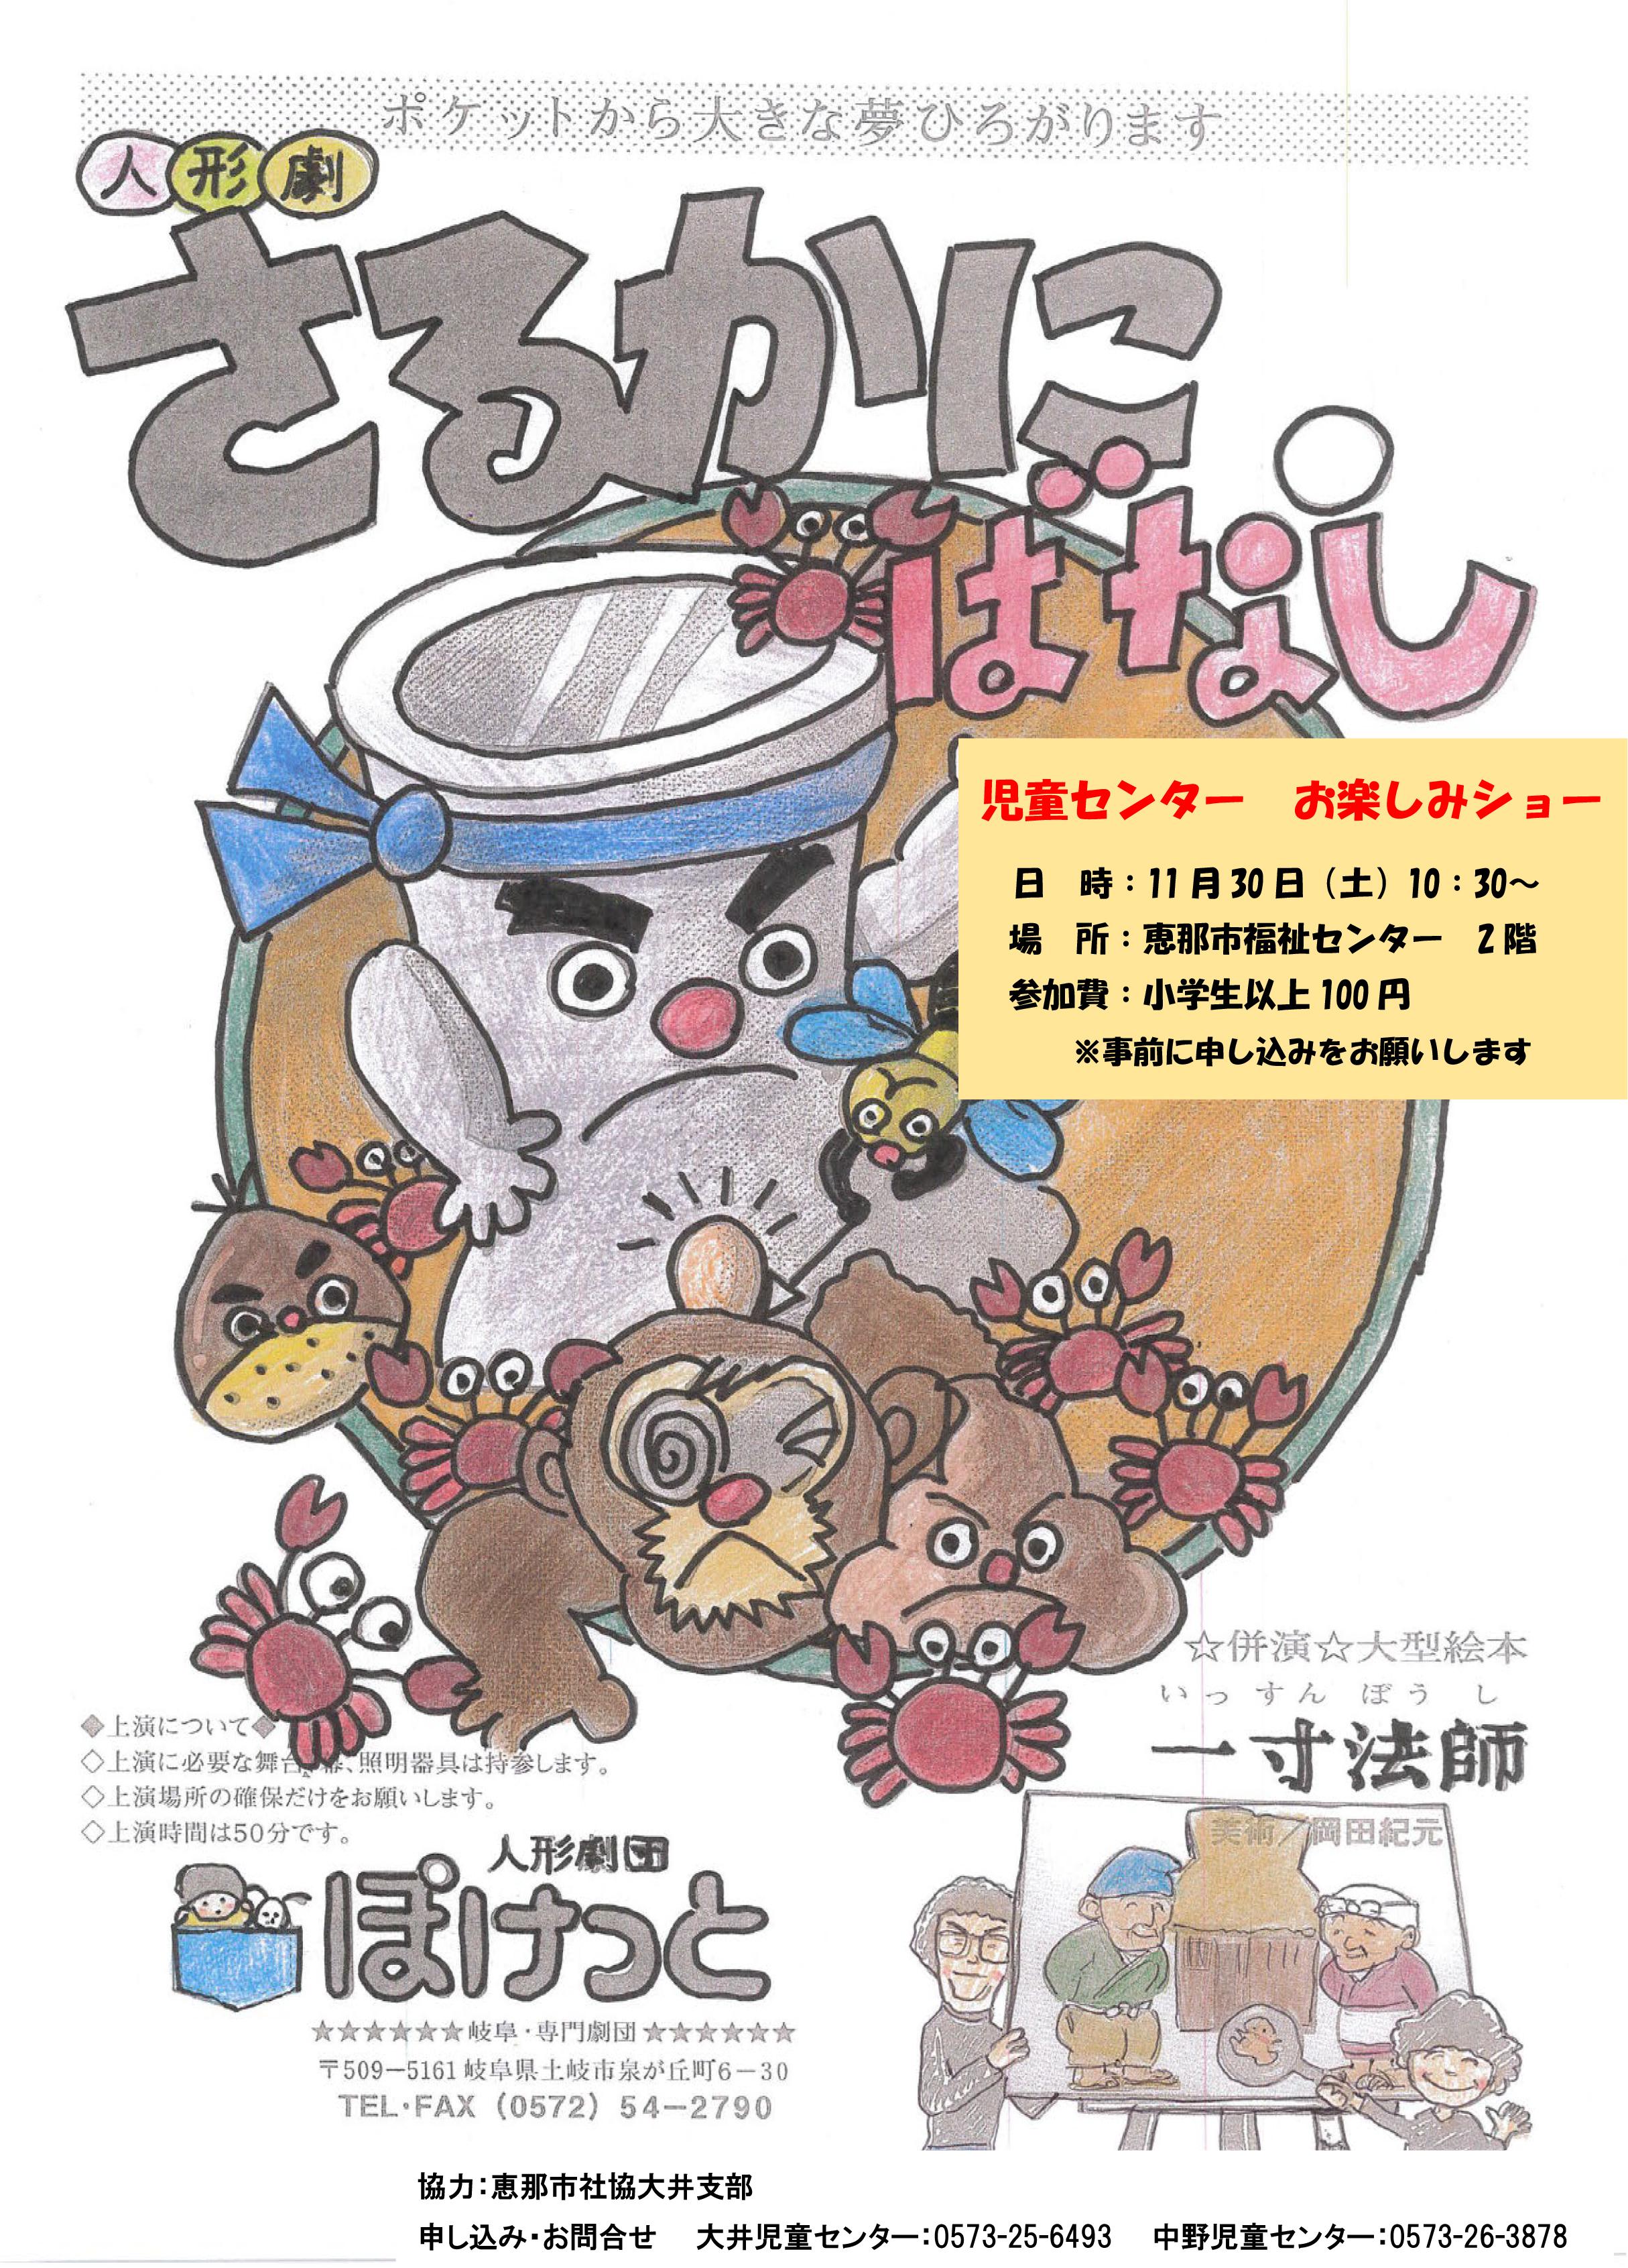 11/30(土)児童センターお楽しみショー